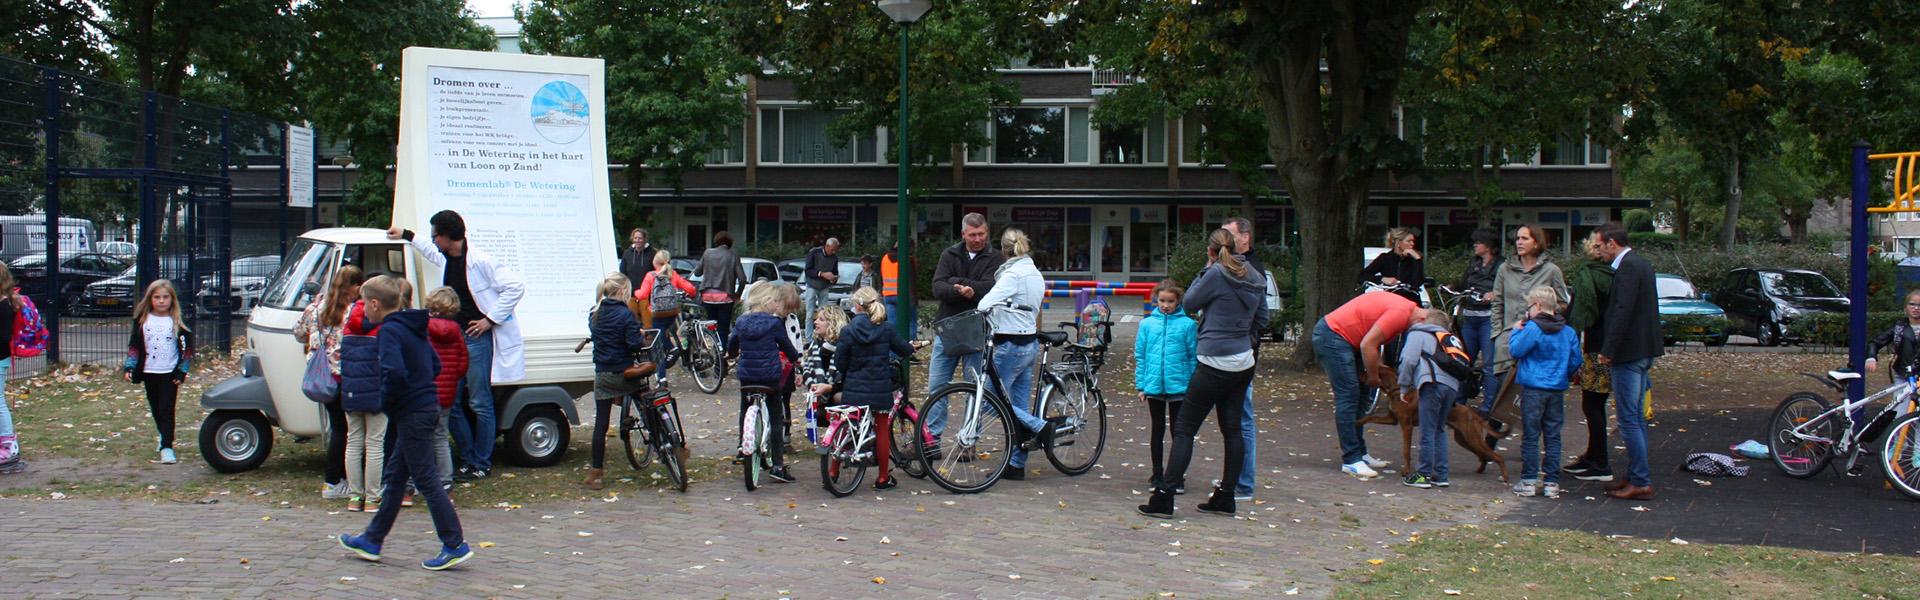 Dromenlab de wetering - op het schoolplein